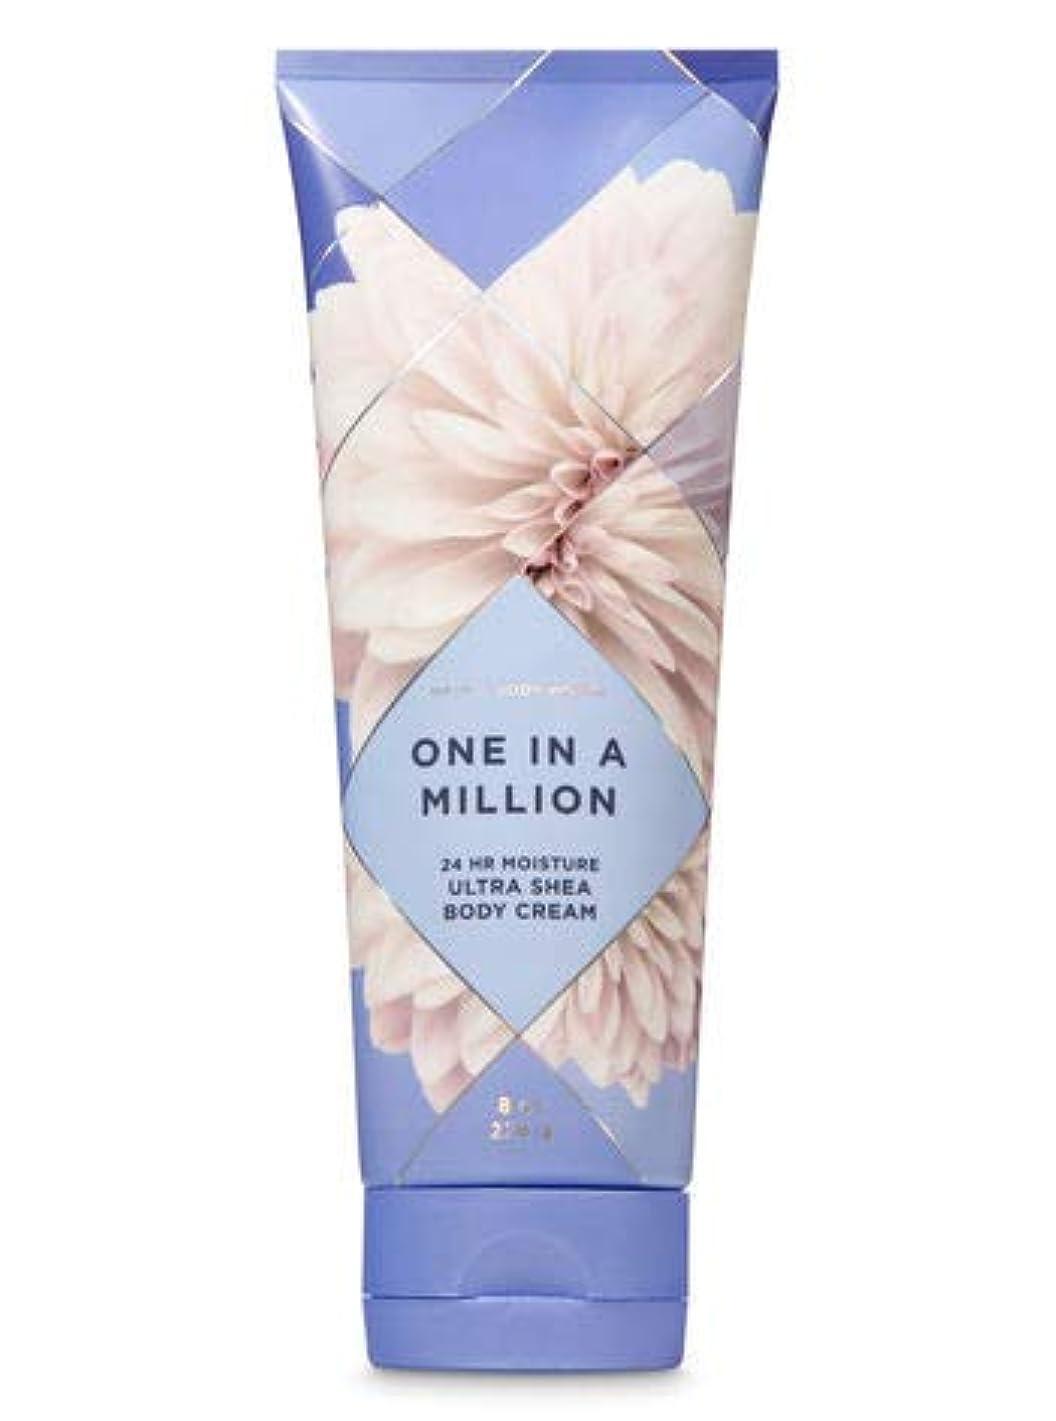 カウントパス溶接【Bath&Body Works/バス&ボディワークス】 ボディクリーム ワンインアミリオン Ultra Shea Body Cream One in a Million 8 oz / 226 g [並行輸入品]